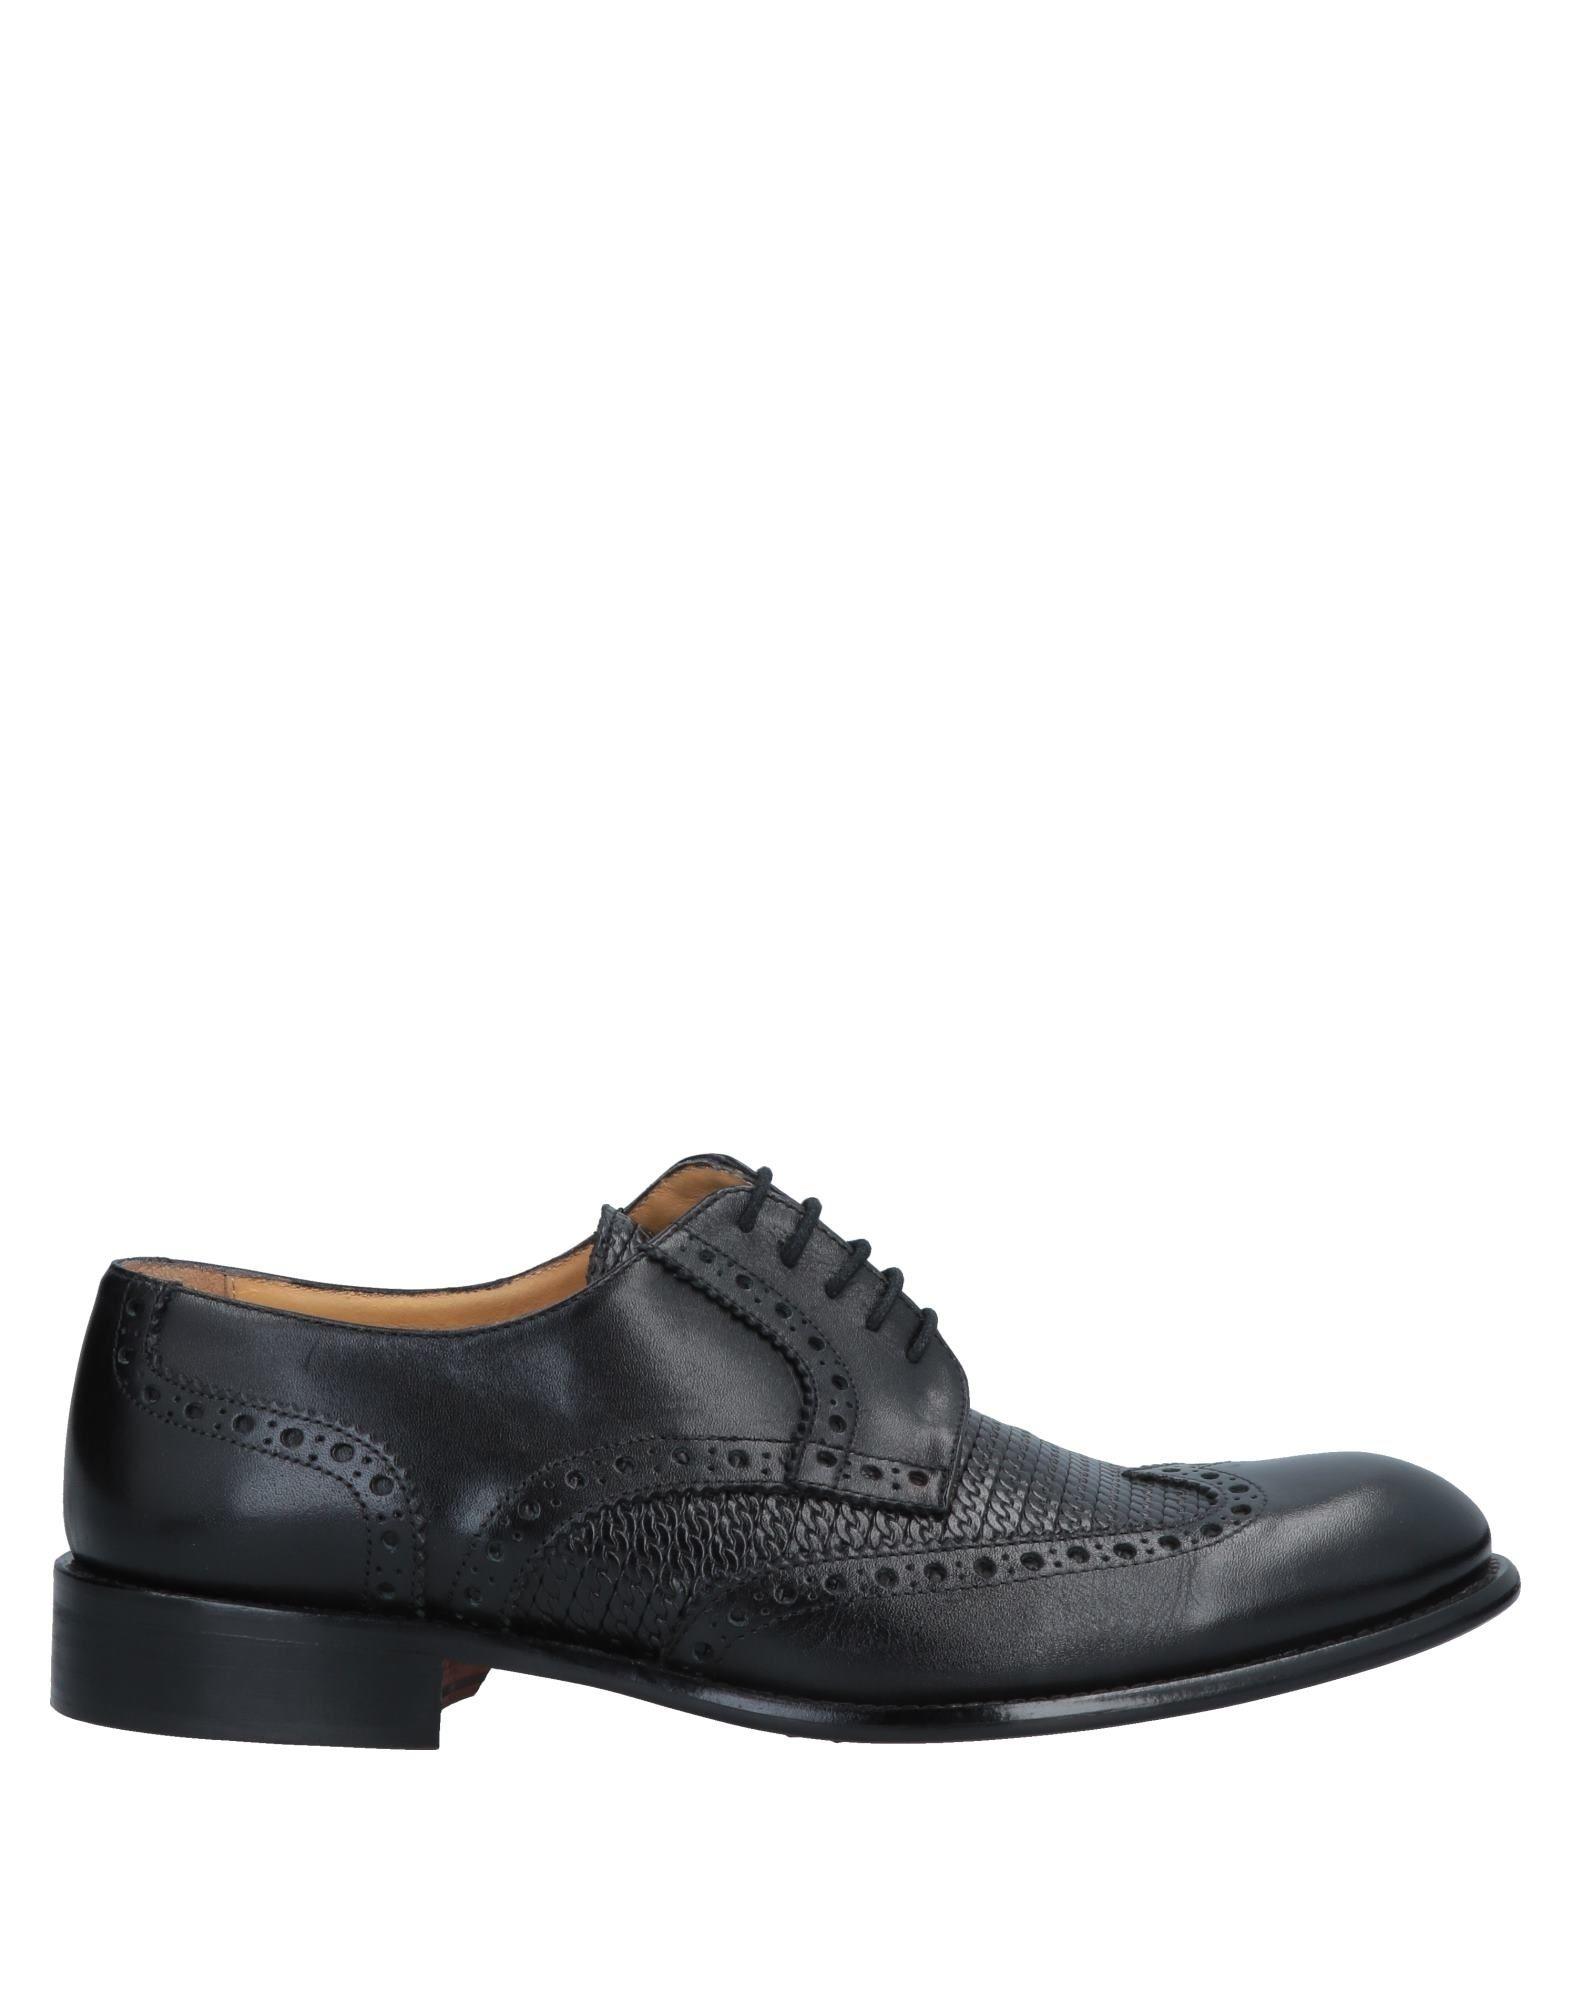 Фото - DAMA Обувь на шнурках обувь на высокой платформе dkny